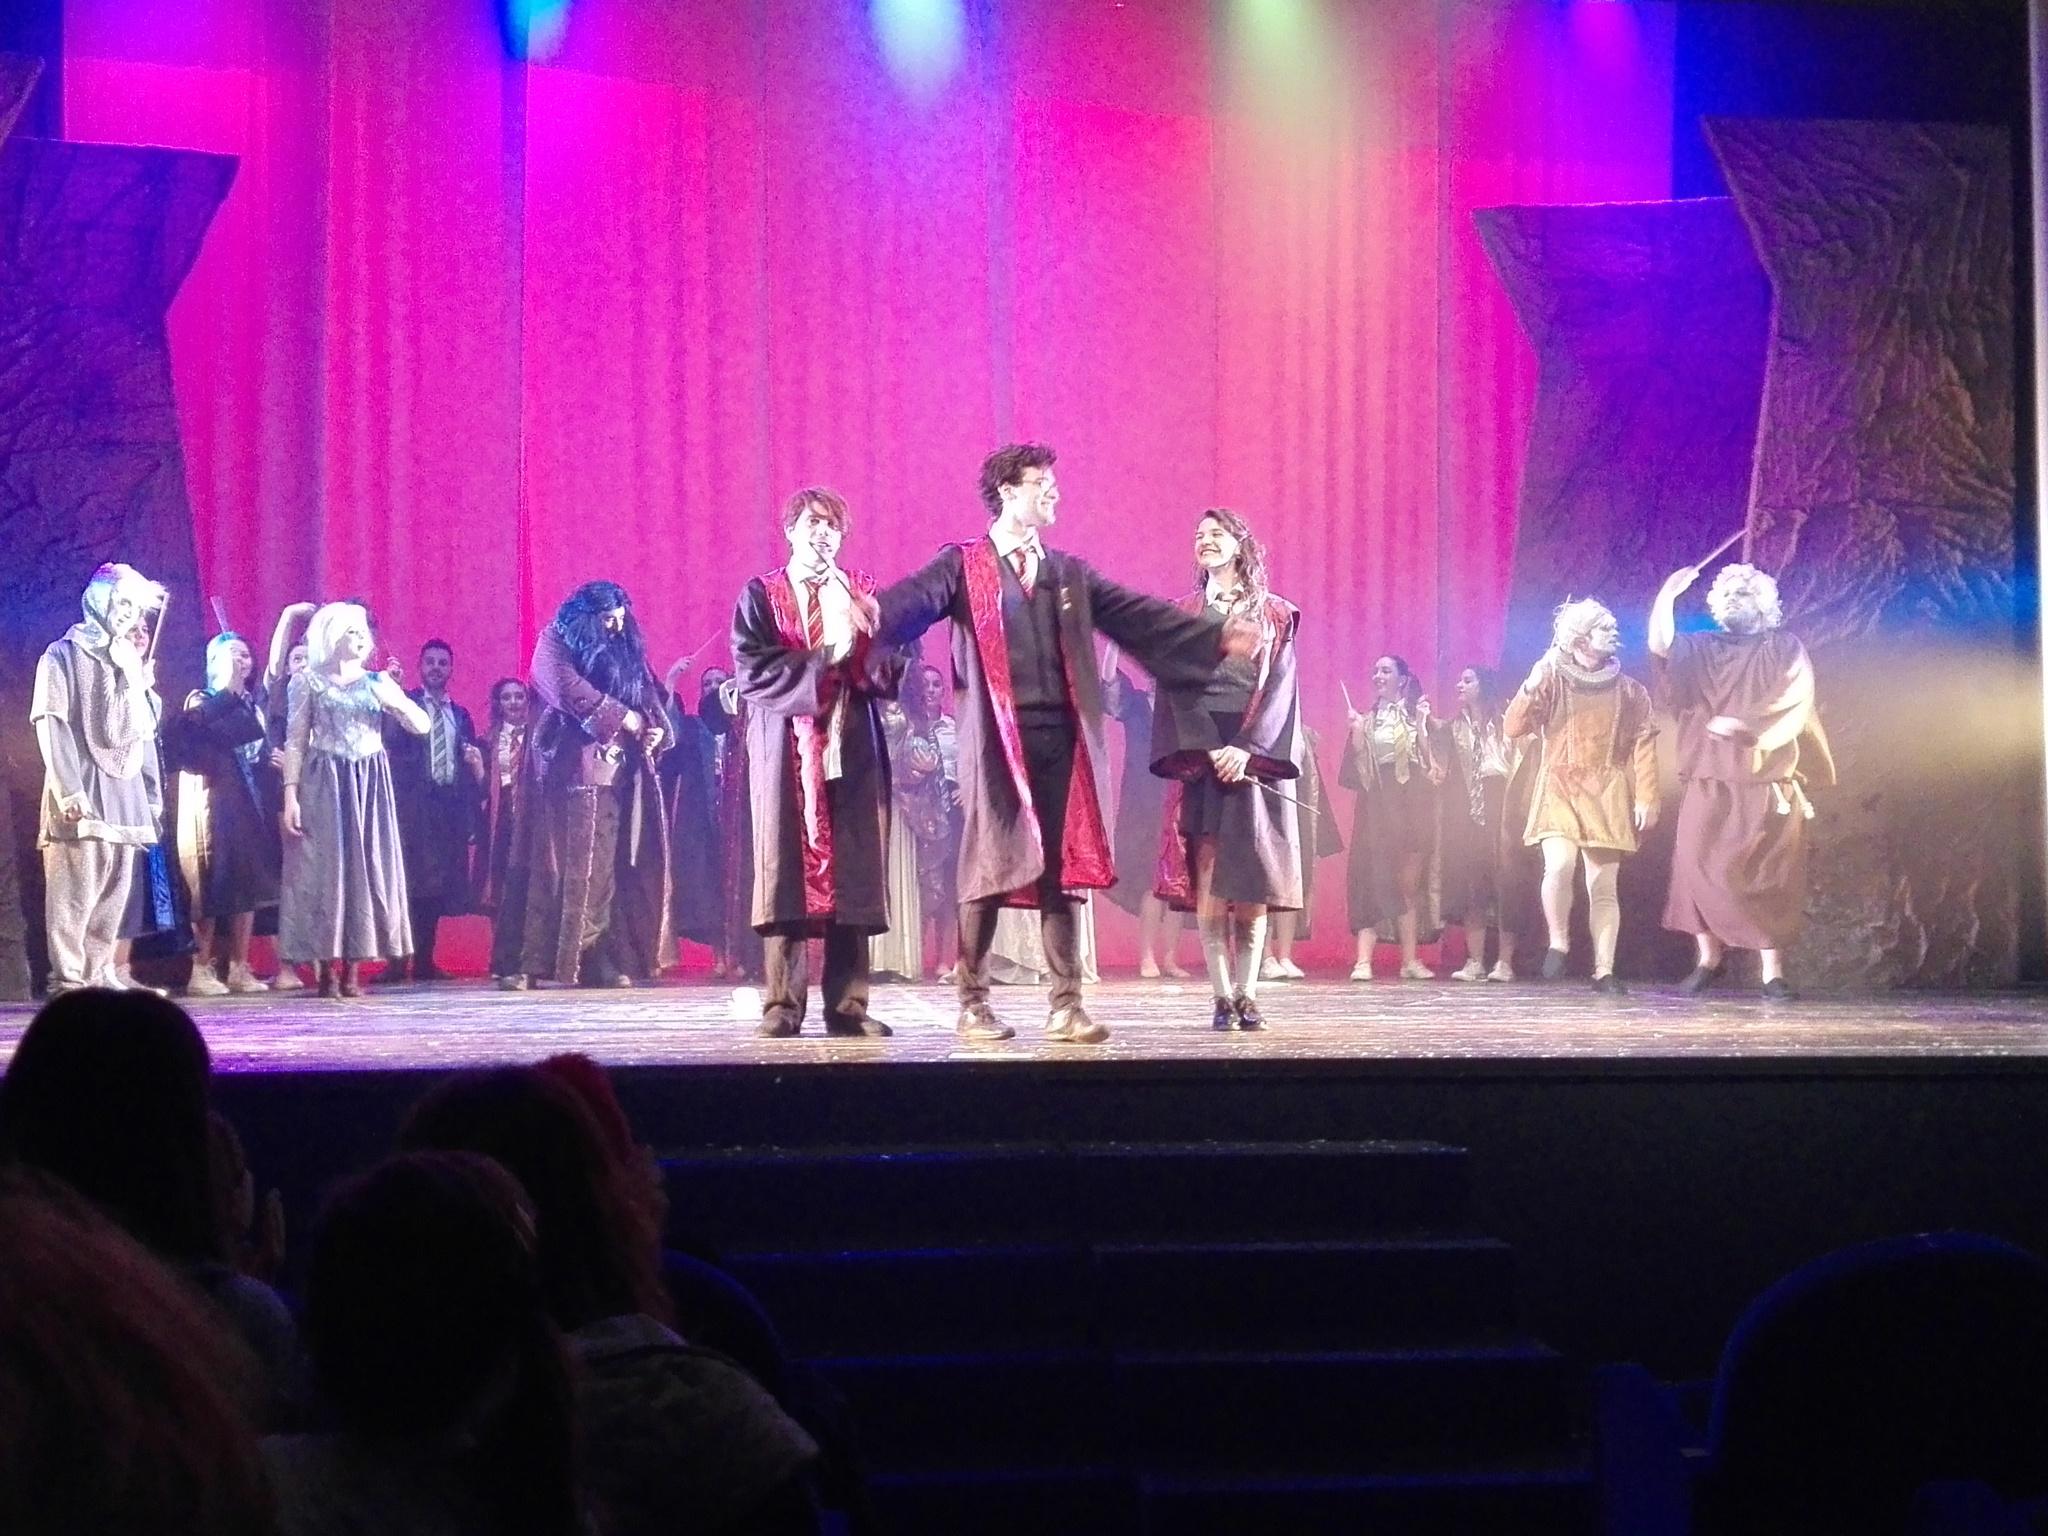 Teatro delle Arti...Musical Harry Potter... by Giuseppe Valvo